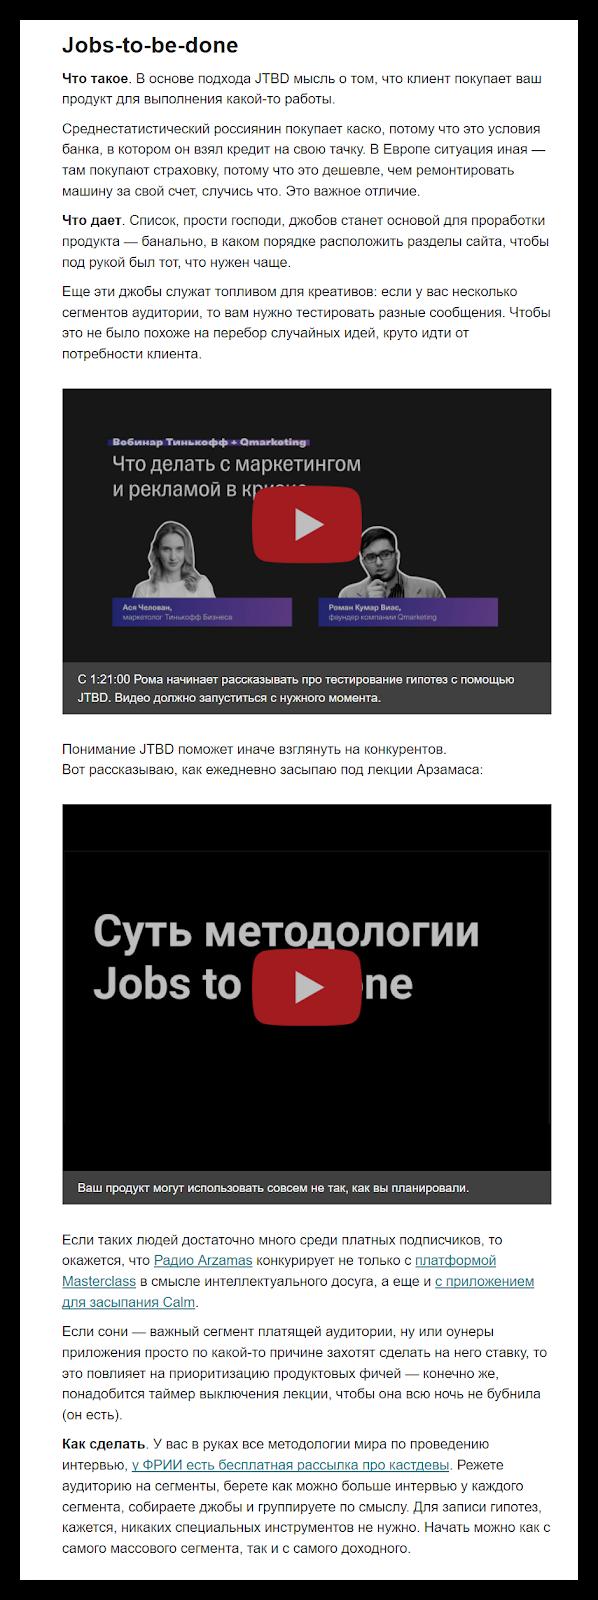 Про Jobs-to-be-done рассказано в последнем письме рассылки